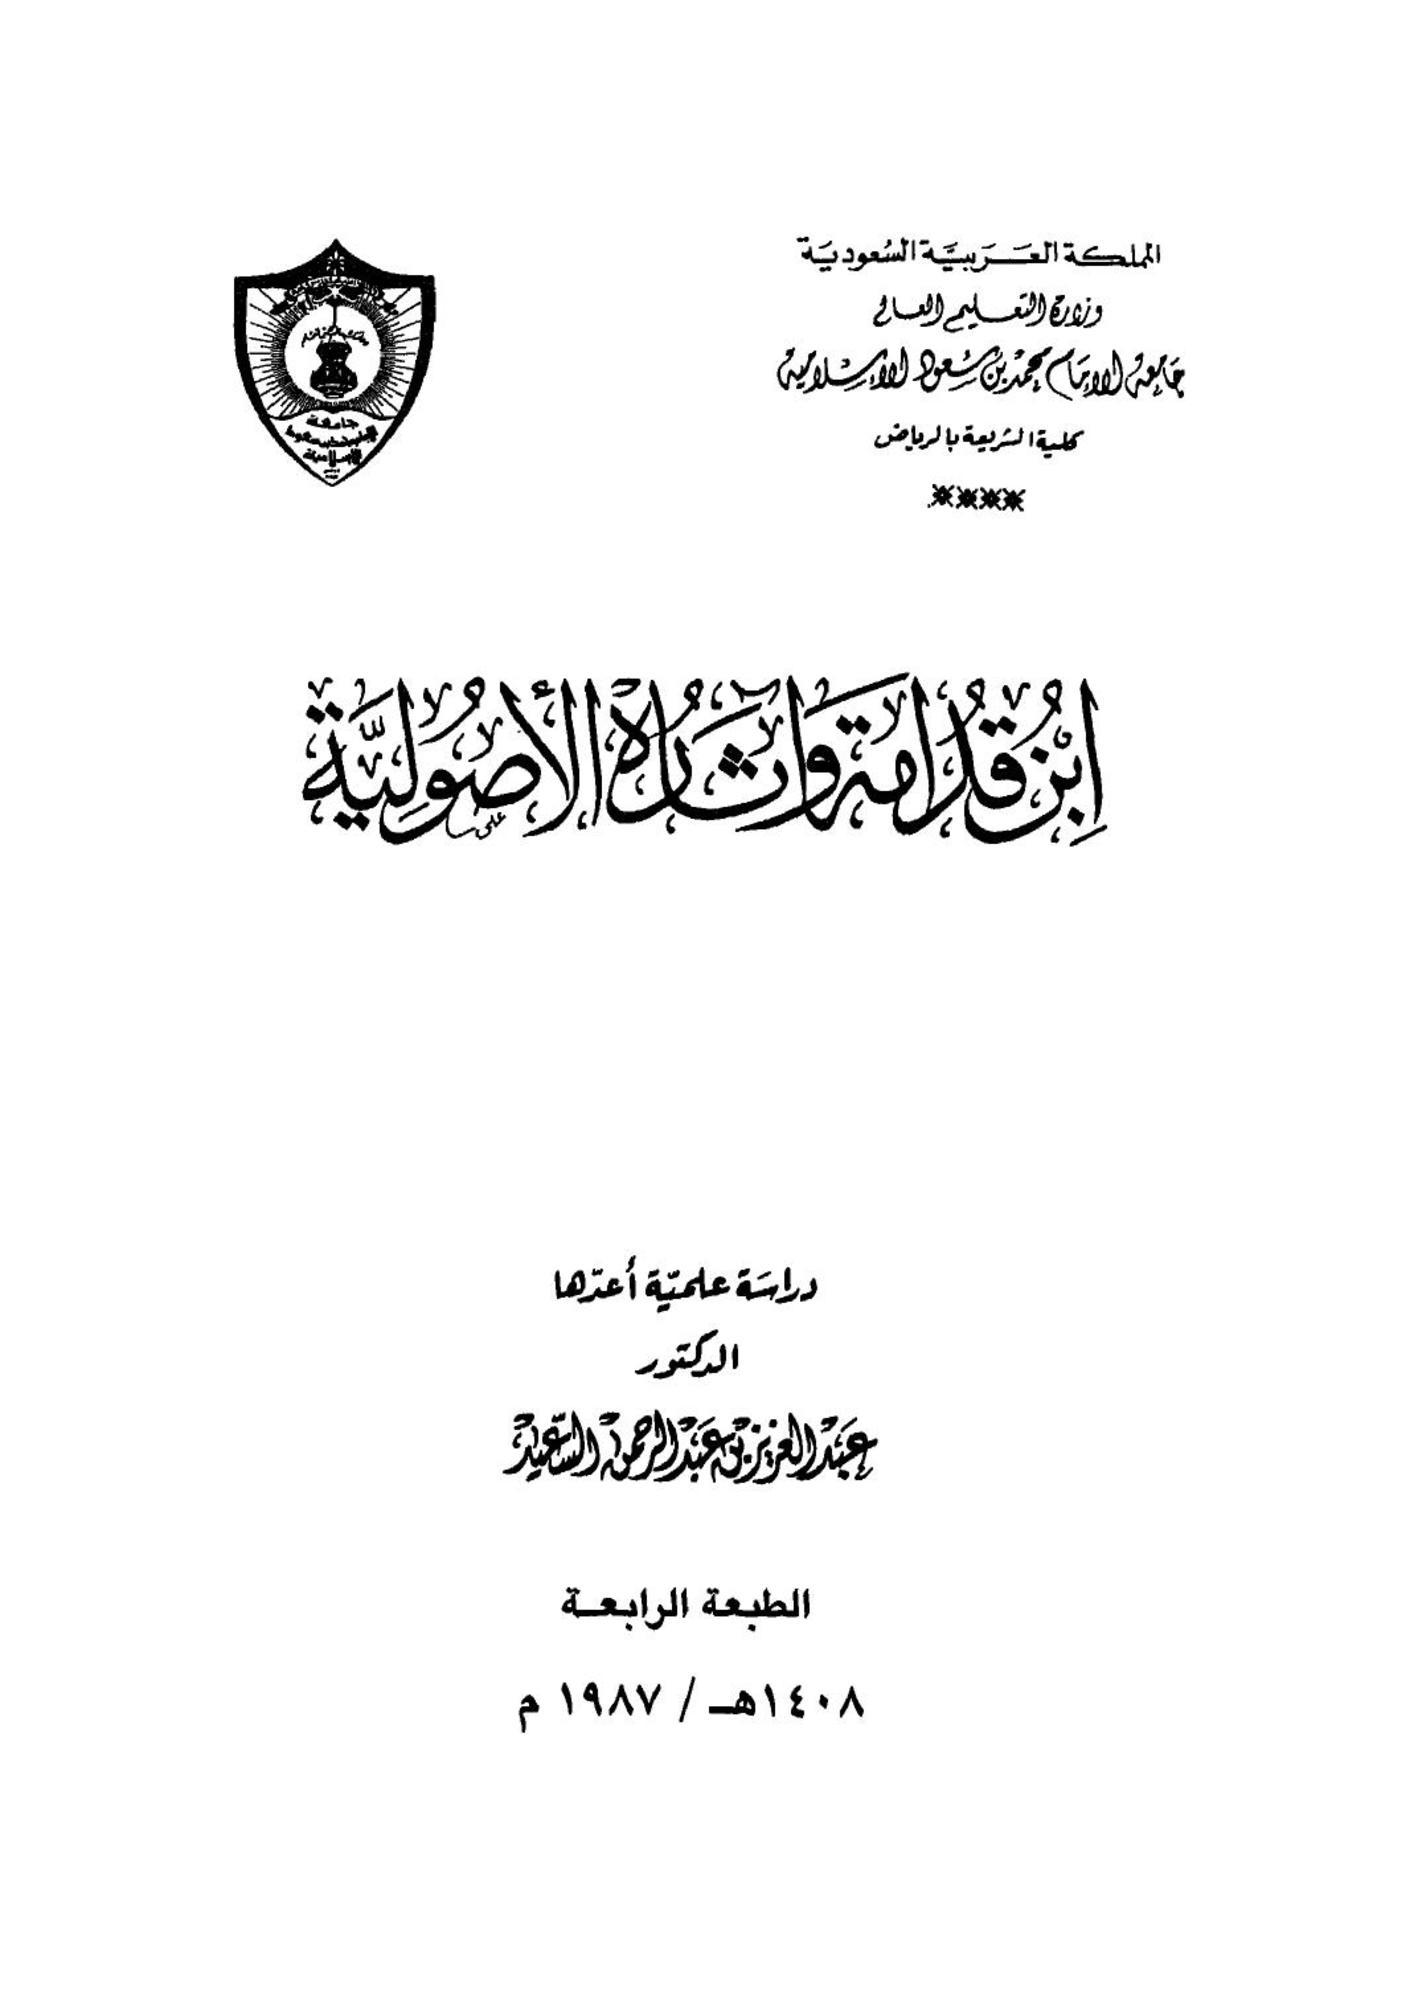 تحميل كتاب ابن قدامة و اثاره الاصولية القسم الاول pdf ل عبد العزيز عبد الرحمن السعيد مجاناً | مكتبة كتب pdf